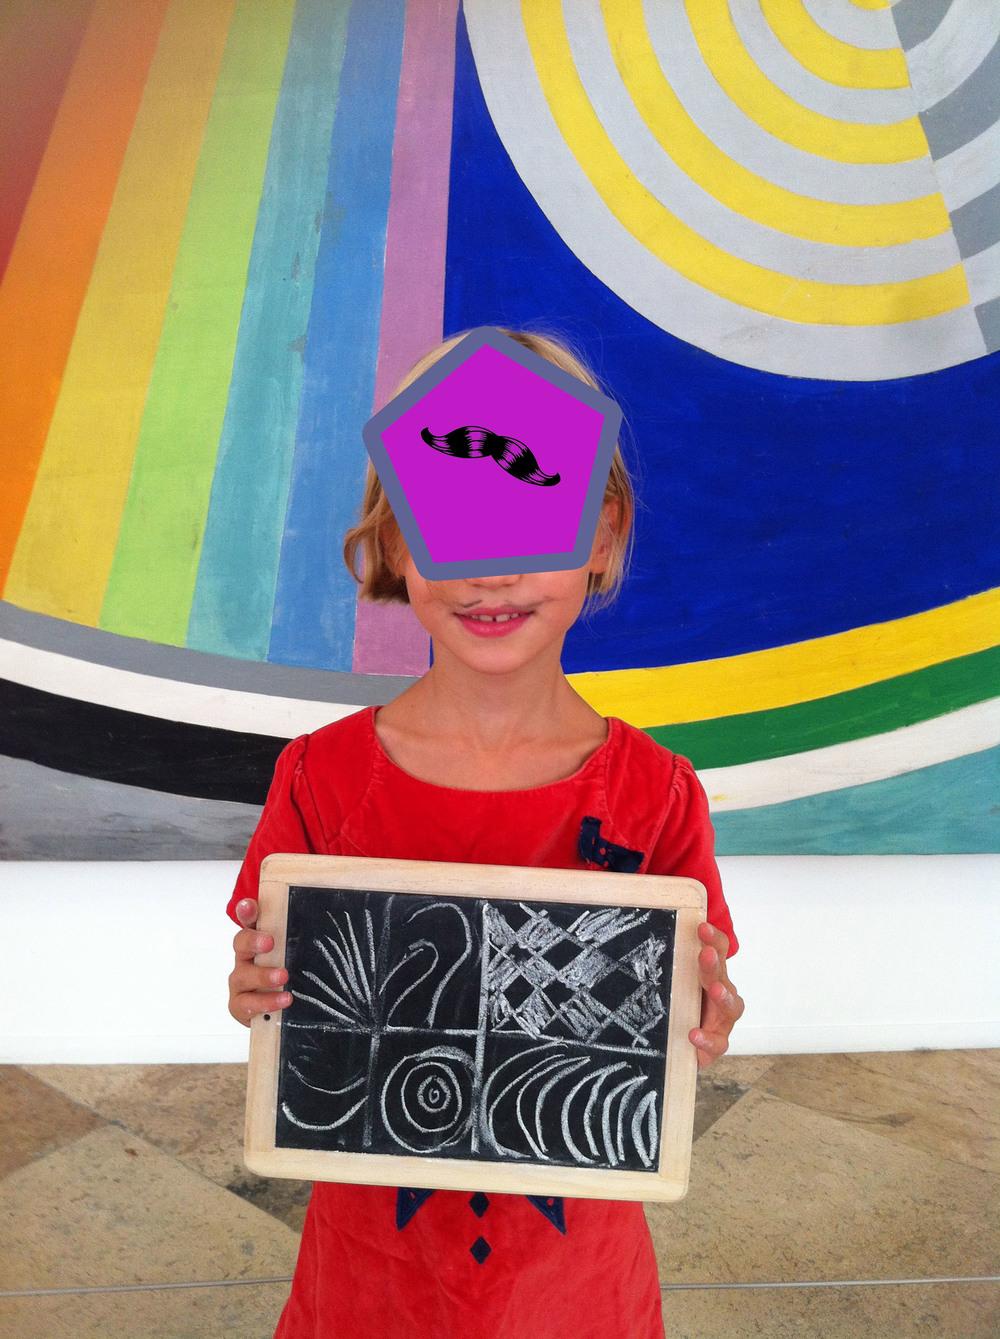 Regarder les oeuvres avec les lunettes Moshi, (se) questionner, s'inspirer, créer et exprimer ses idées -www.mam.paris.fr